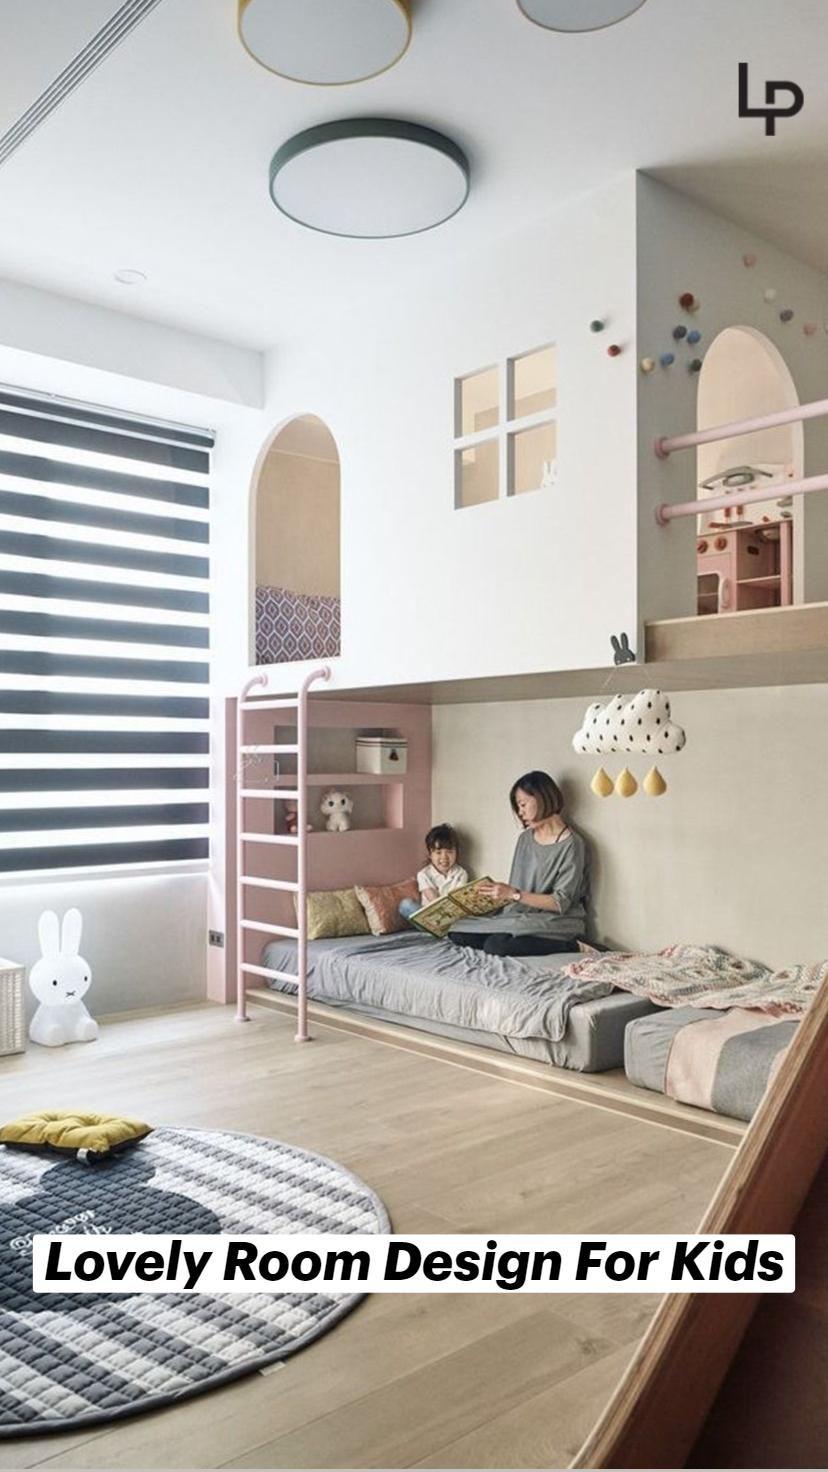 Room Design for Kids - Kids BedRoom Decor